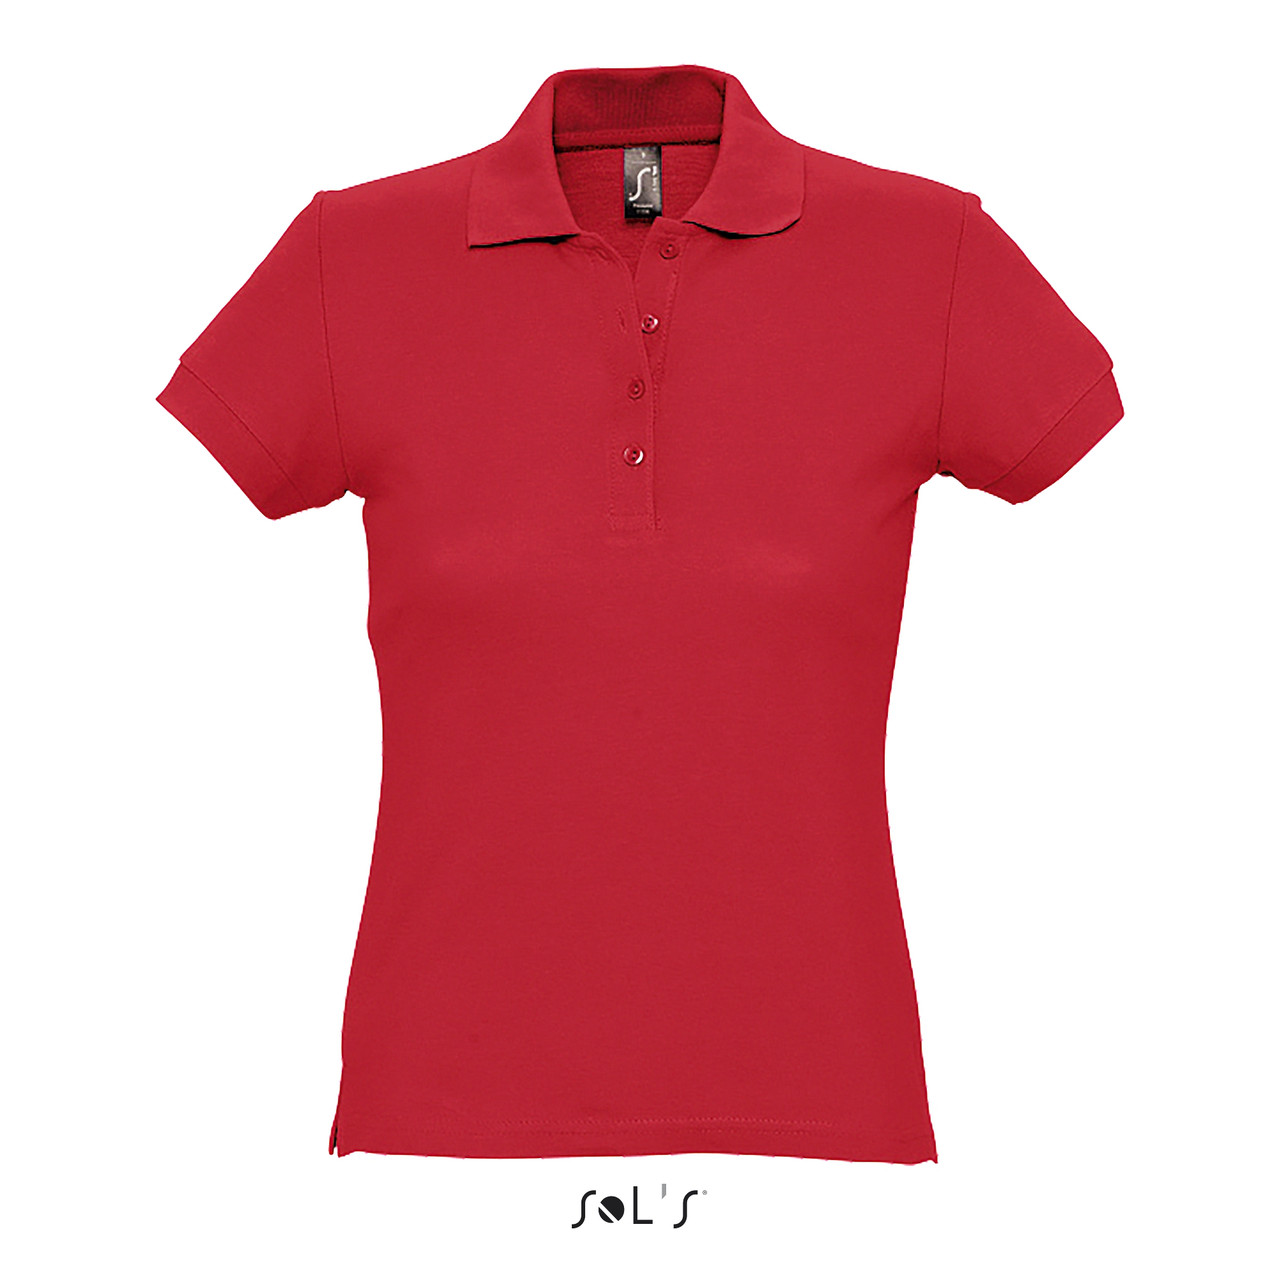 Рубашка Поло женская Sols Passion M, Красная